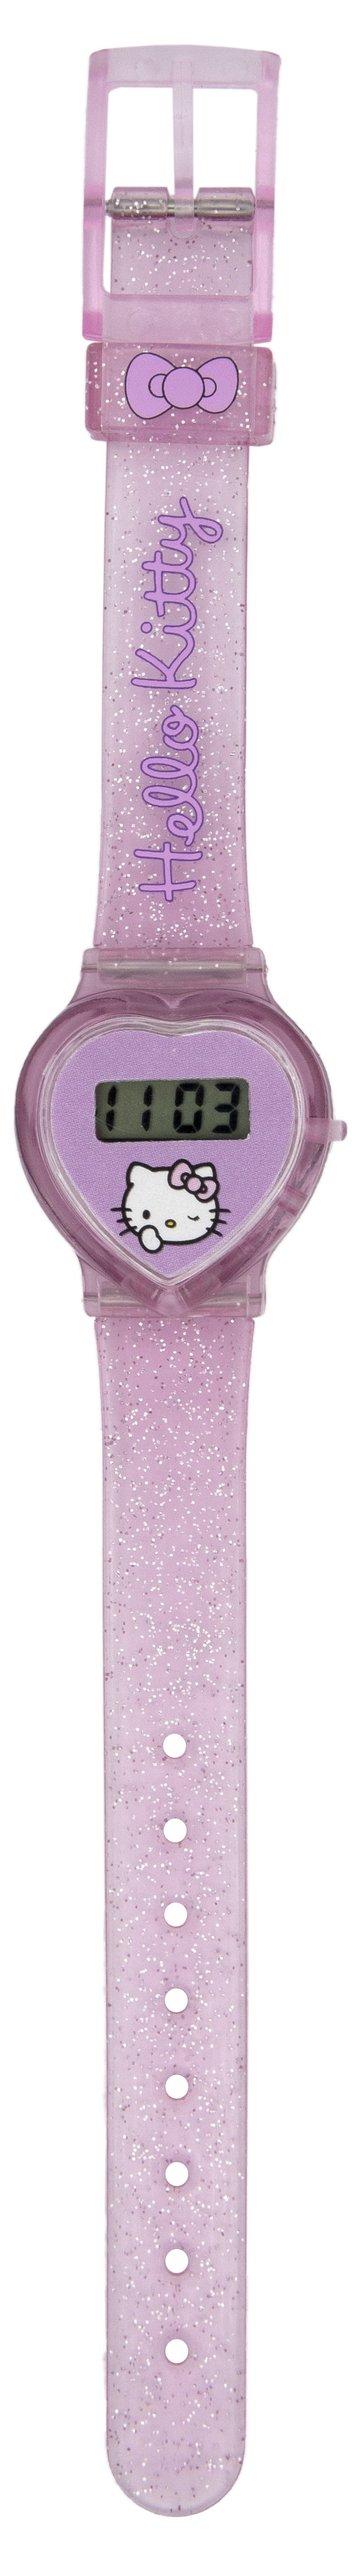 Hodinky Hello Kitty